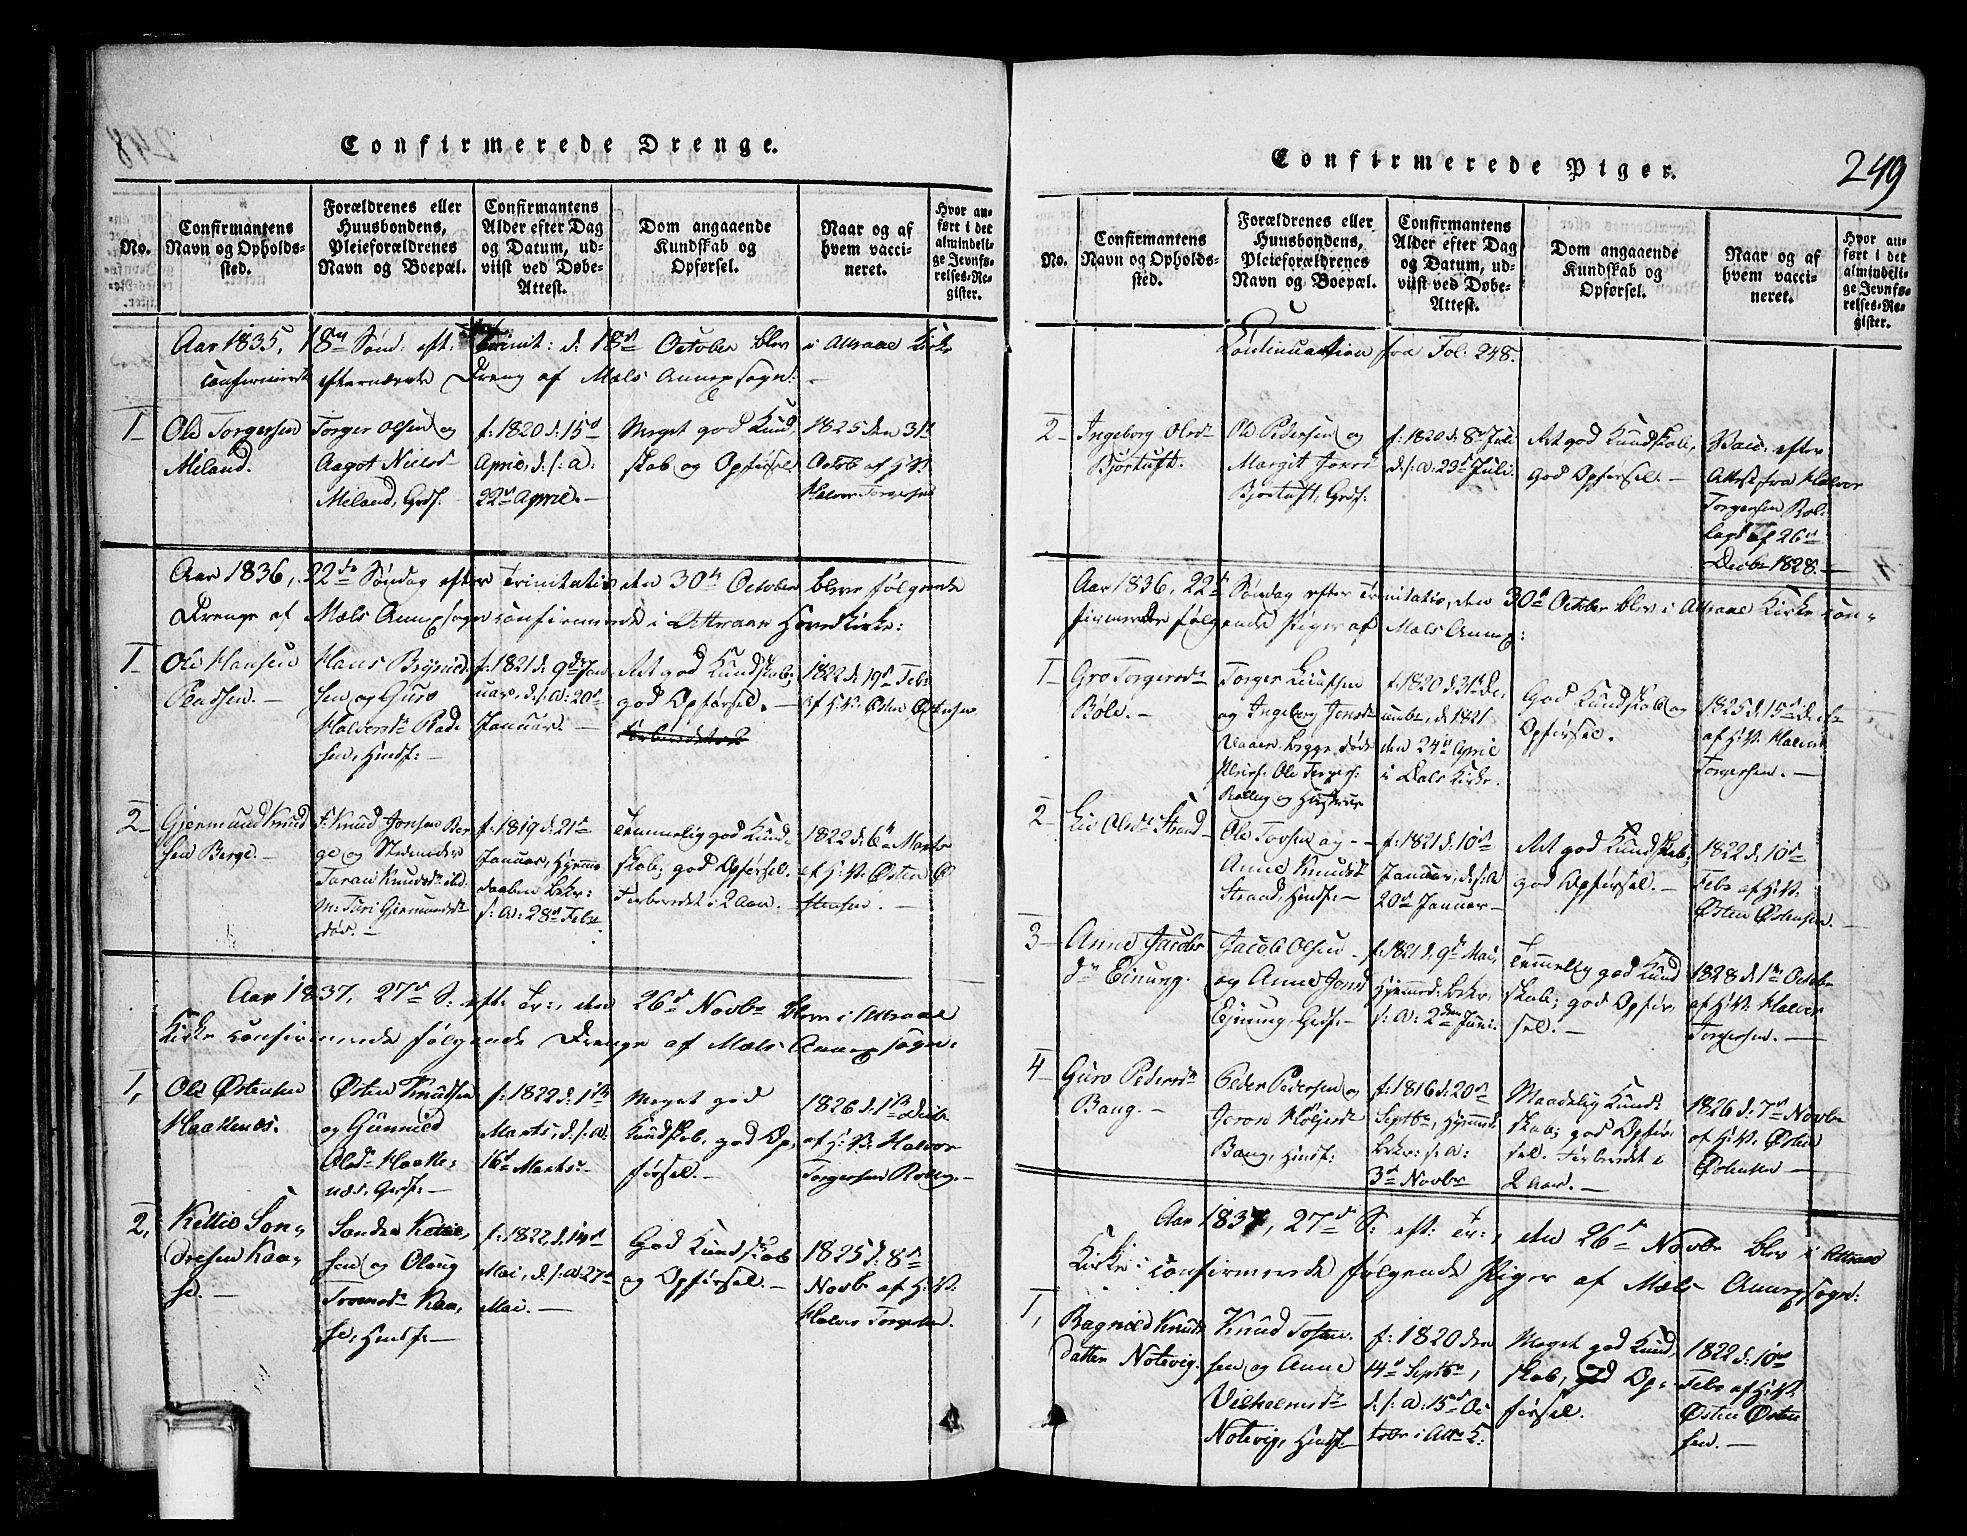 SAKO, Tinn kirkebøker, G/Gb/L0001: Klokkerbok nr. II 1 /1, 1815-1850, s. 249